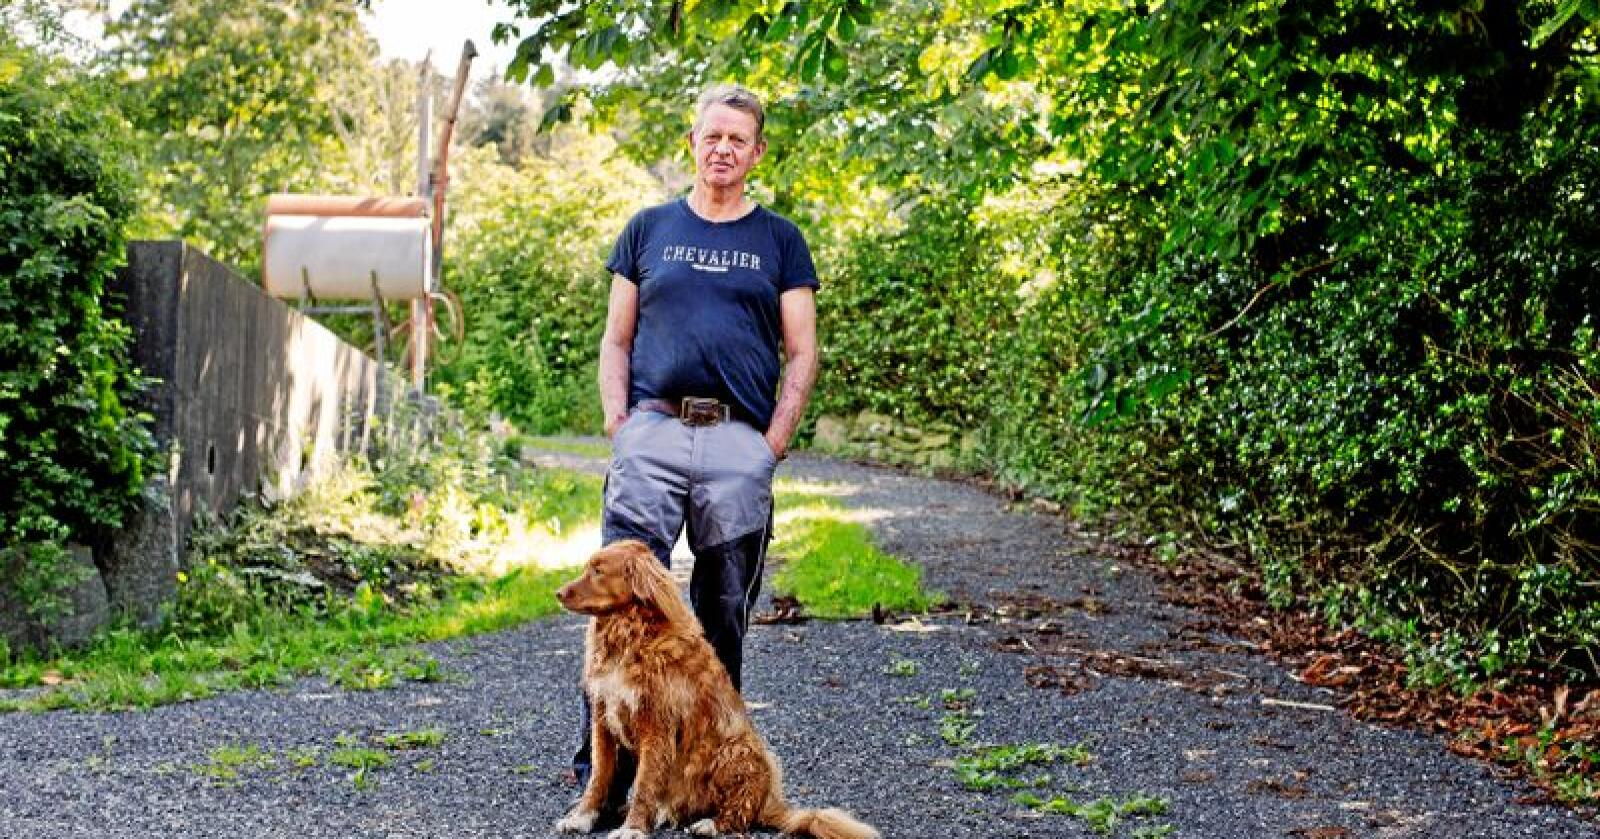 – Politikere kan ikke si at god dyrevelferd er viktig, samtidig som de fortsetter å kutte i midlene til Mattilsynet, sier Arnfinn Landa, tidligere svinebonde og nå dyrevernmemndsmedlem i Rogaland. Her med hunden Timmien. Foto: Solfrid Sande